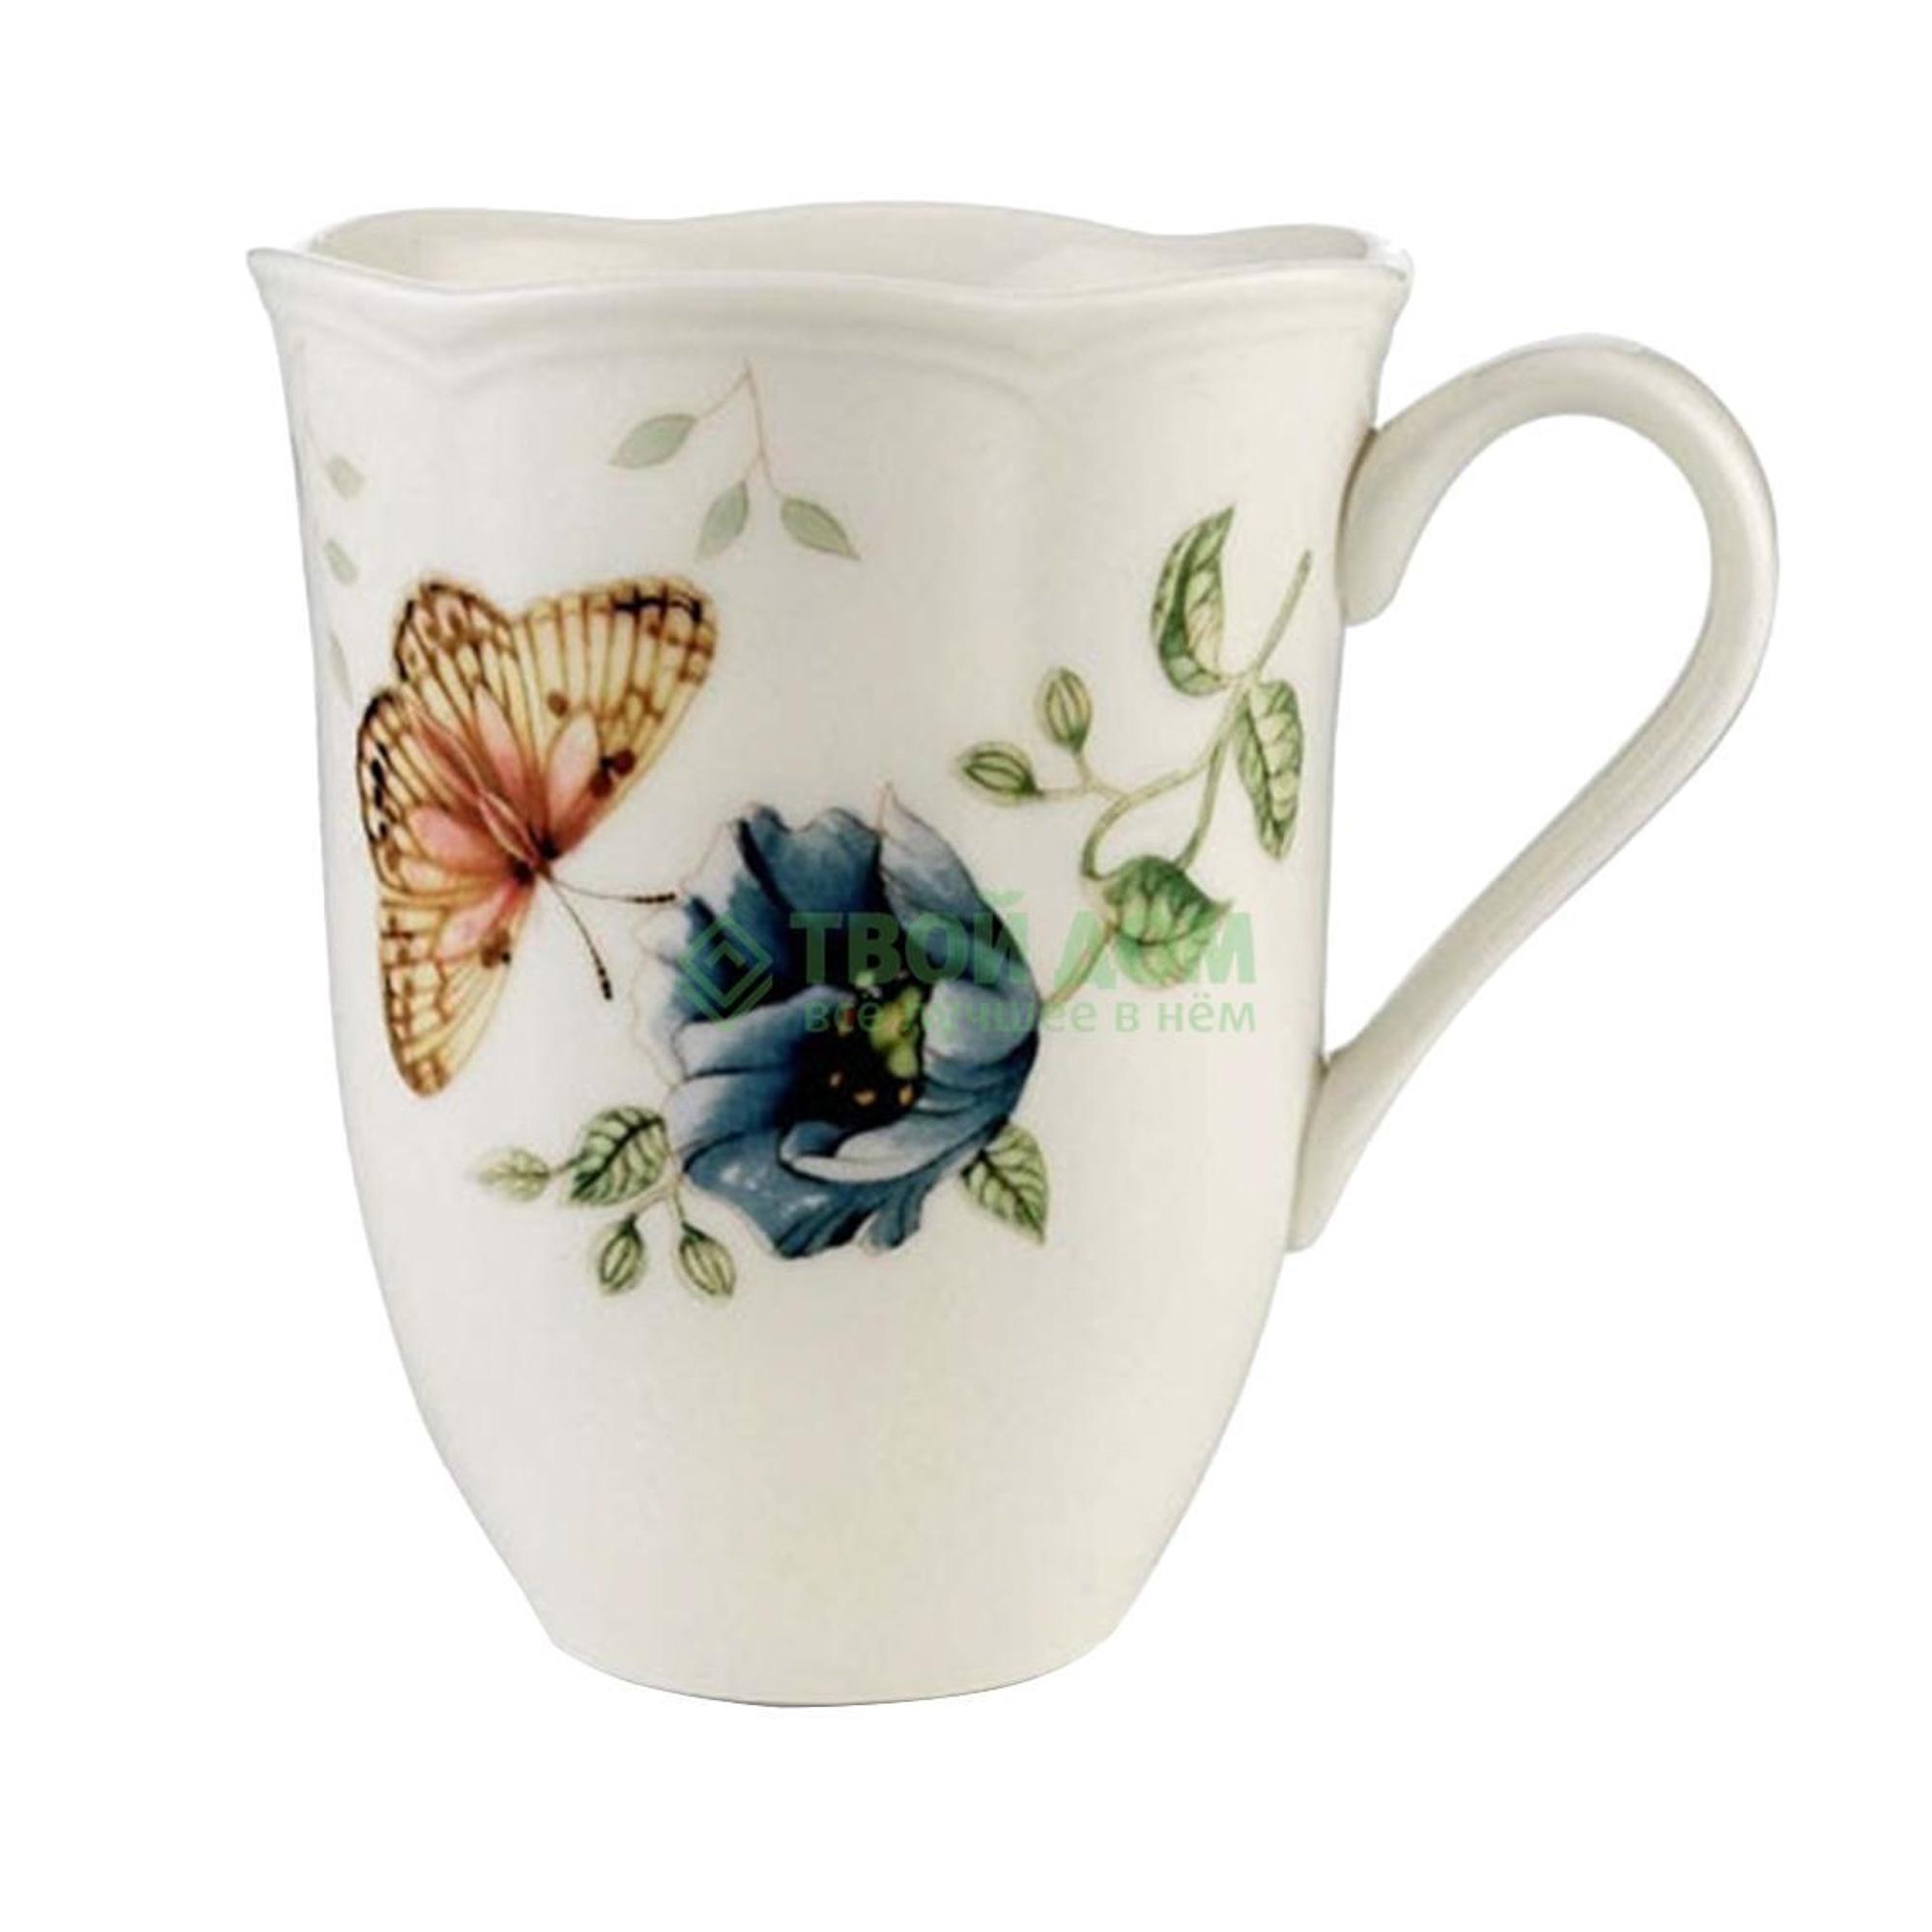 Кружка Lenox Бабочки на лугу кружка 350 мл (LEN6083869) кружка бабочки с сердечками 300 мл osz